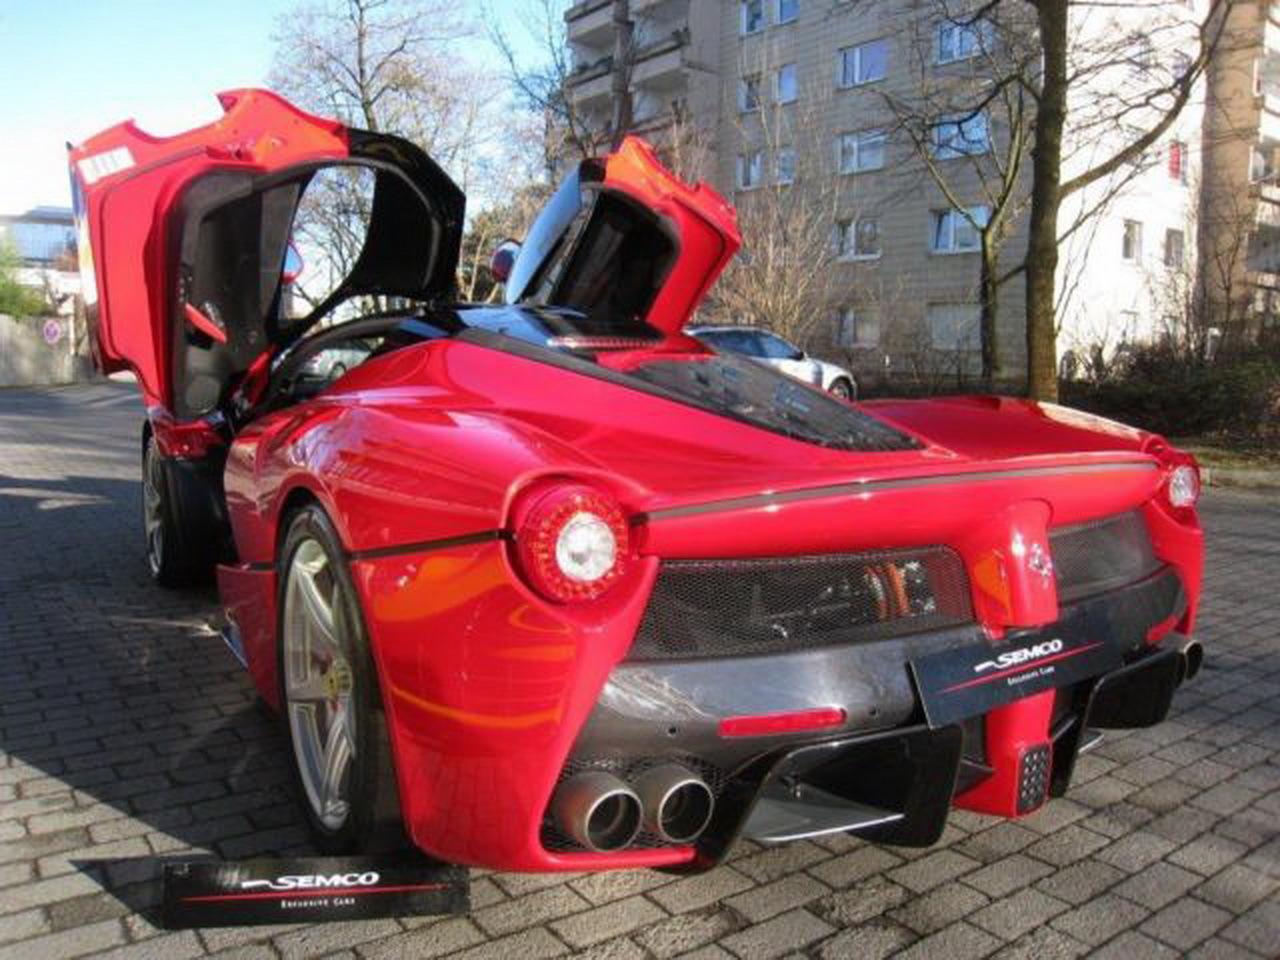 Ferrari d'occasion : le prix de LaFerrari crève le plafond